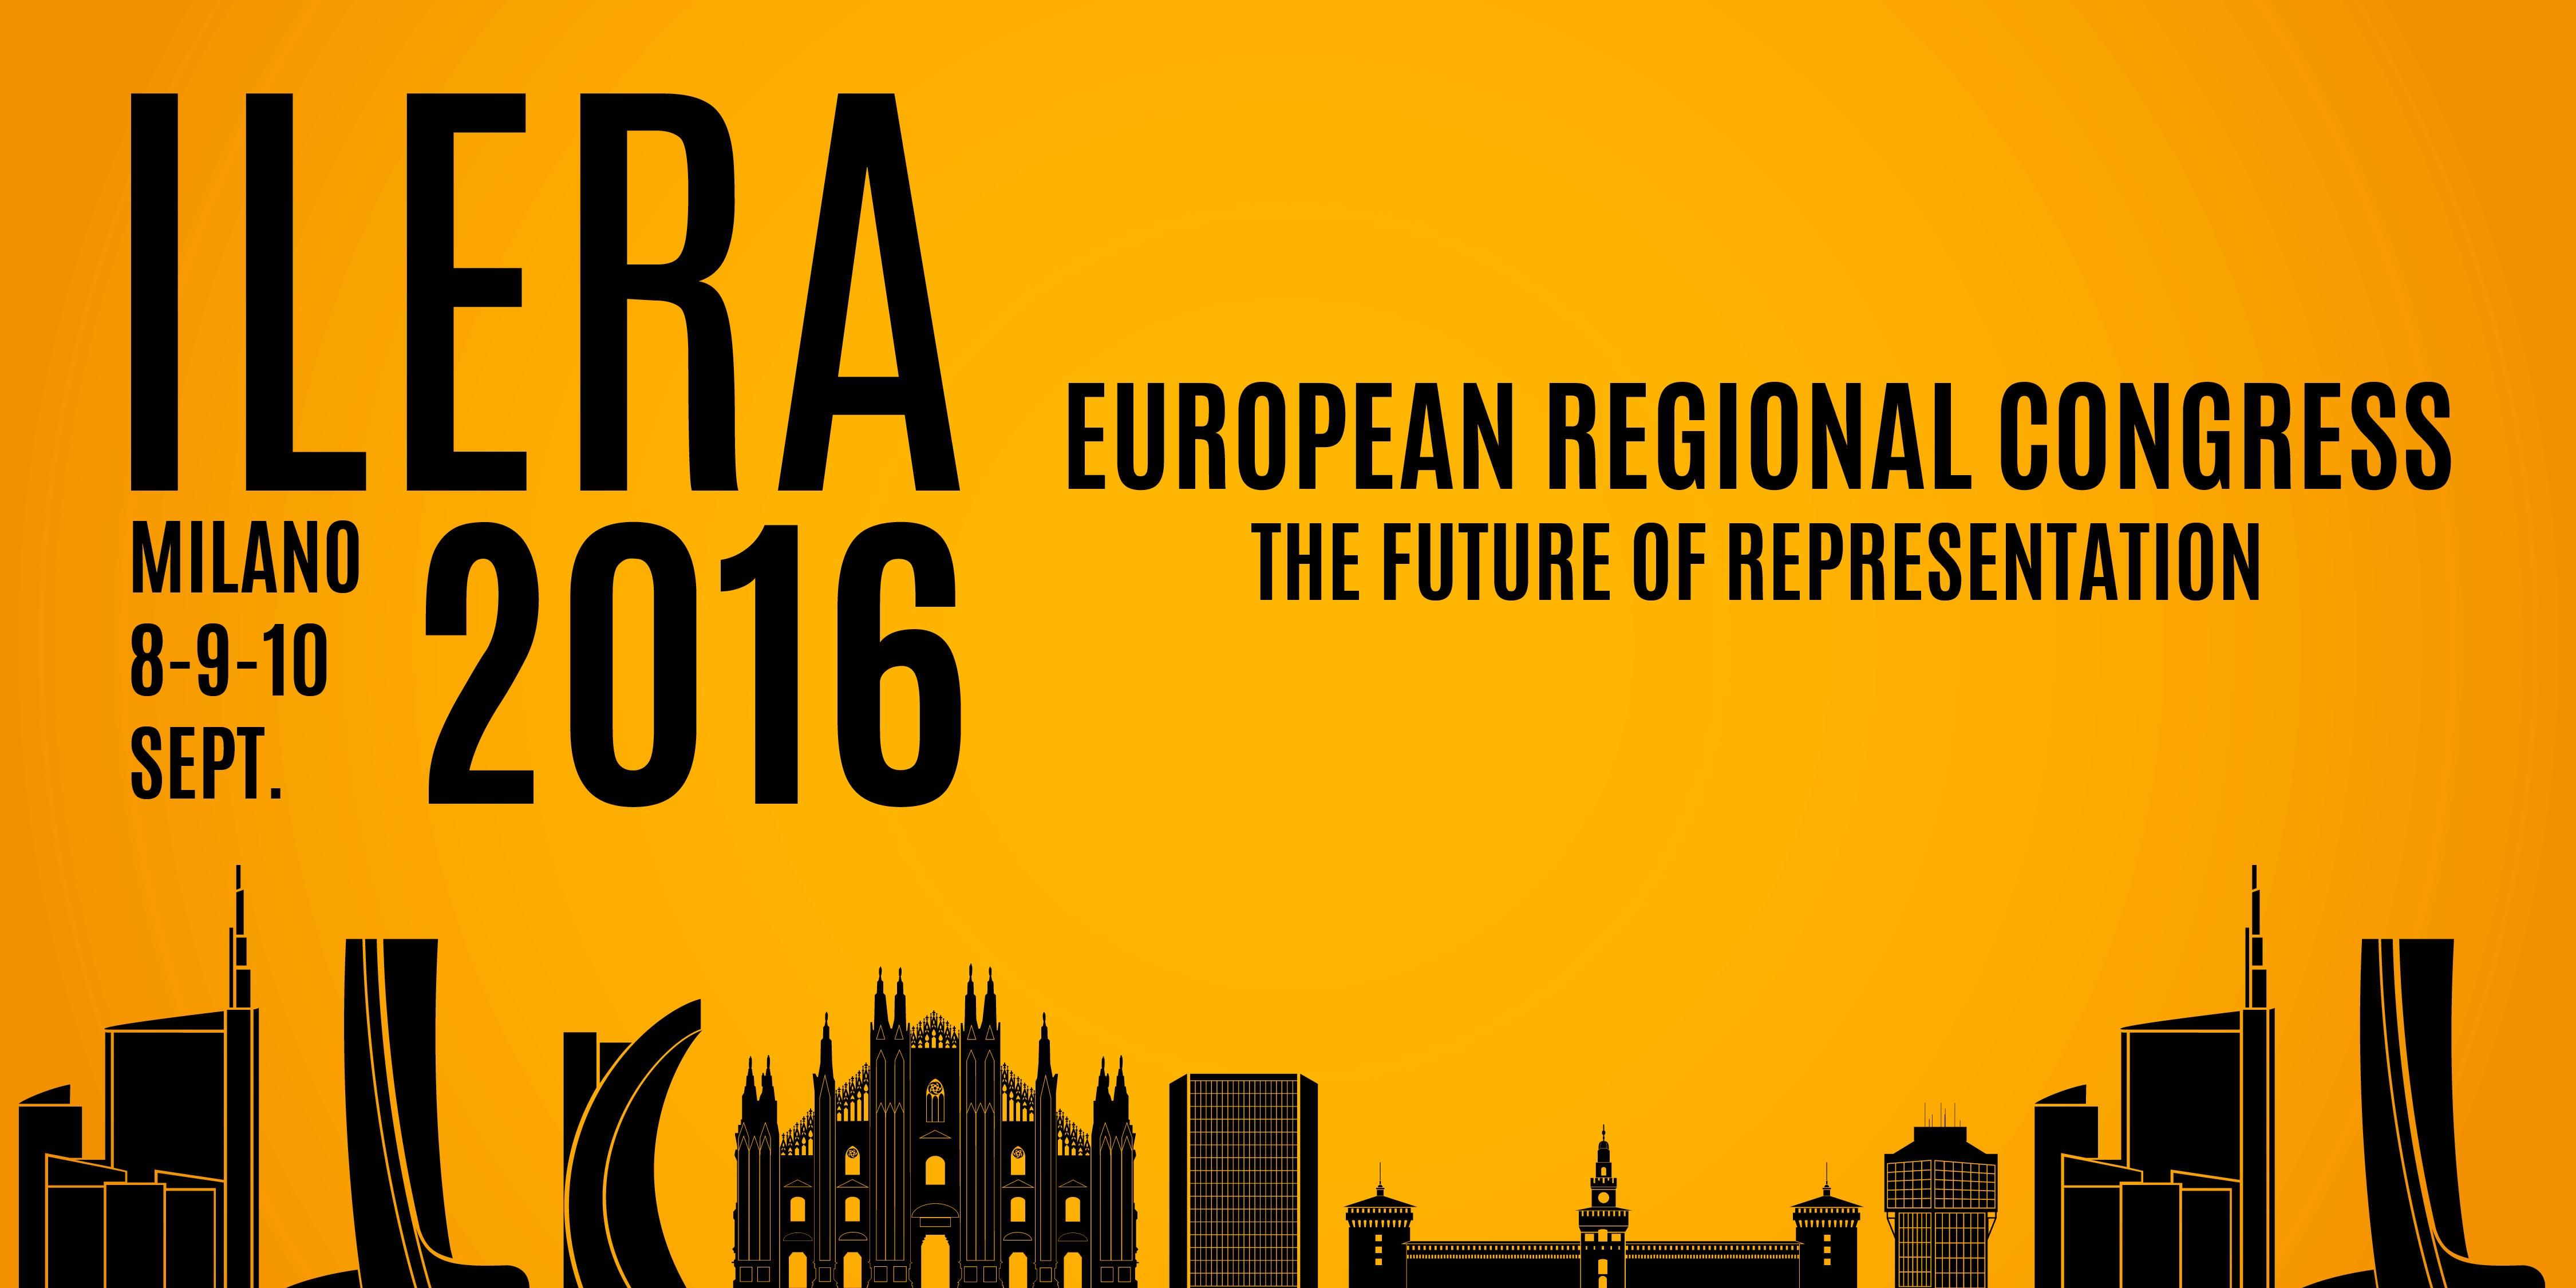 ILERA European Regional Congress 2016